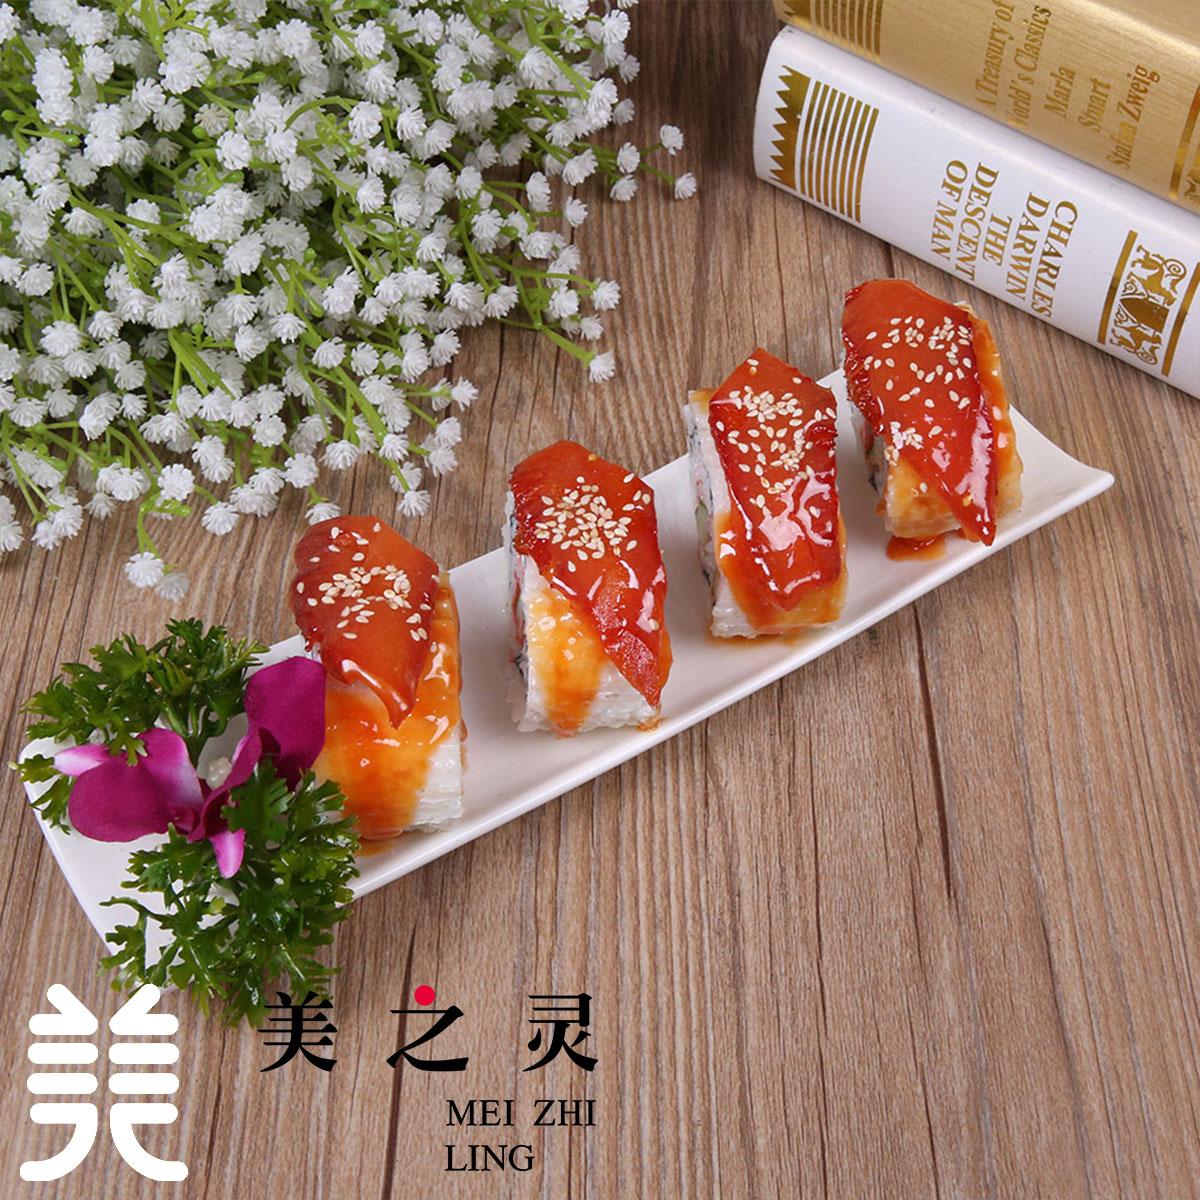 新品 日韩料理定做 仿真鳗鱼寿司食物食品模型 展示样品假菜